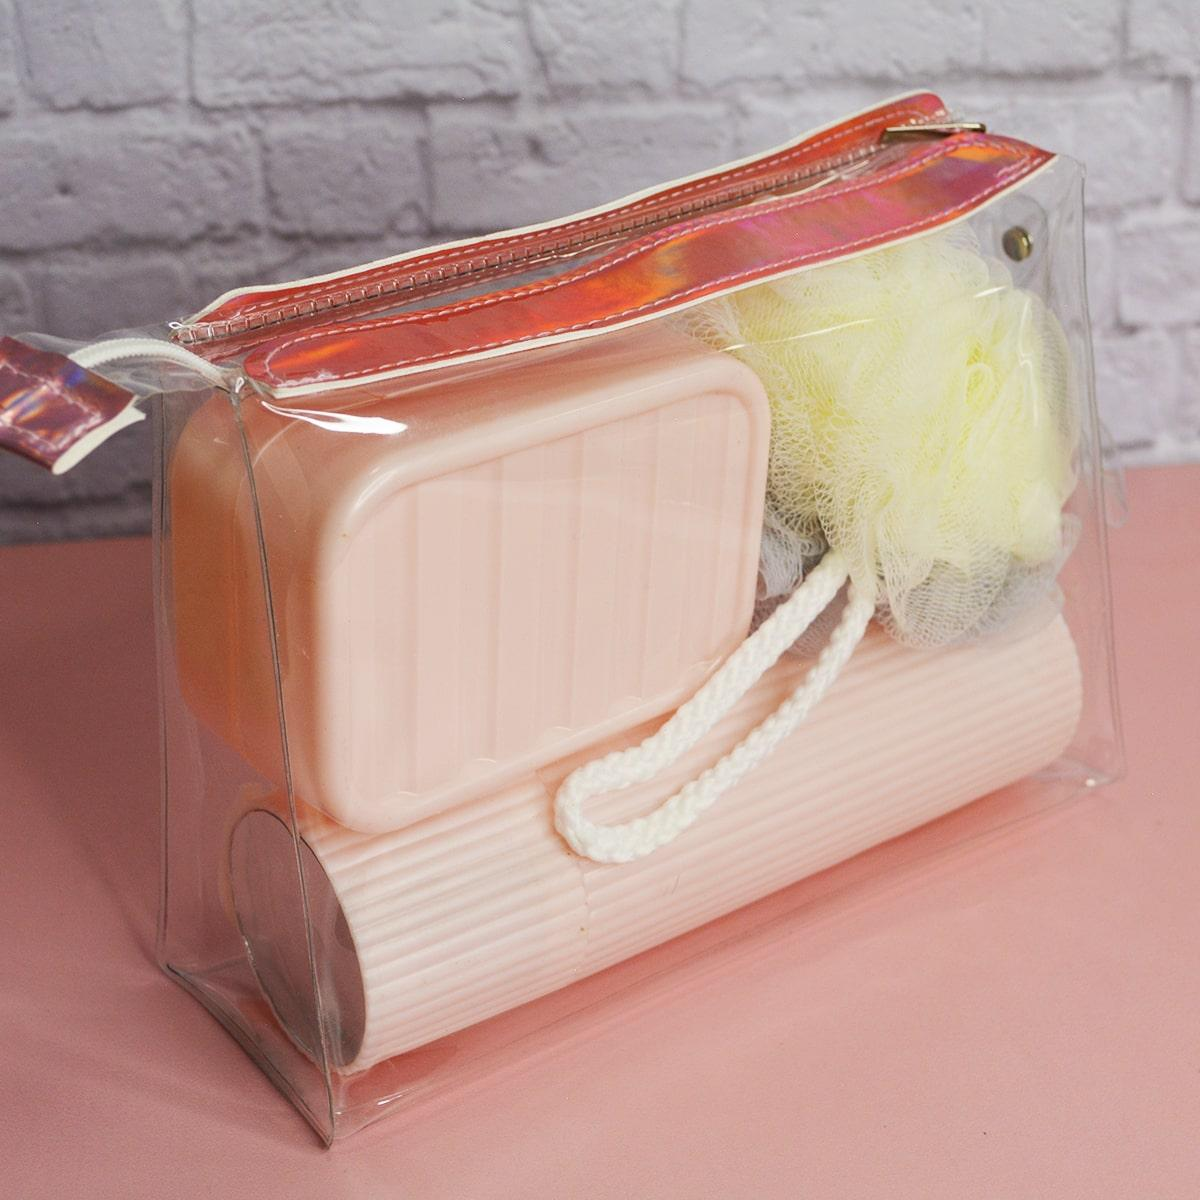 Банный дорожный набор 5 предметов (футляр для зубной щетки, вехотка, мыльница, расческа, косметичка) розовый - фото 9